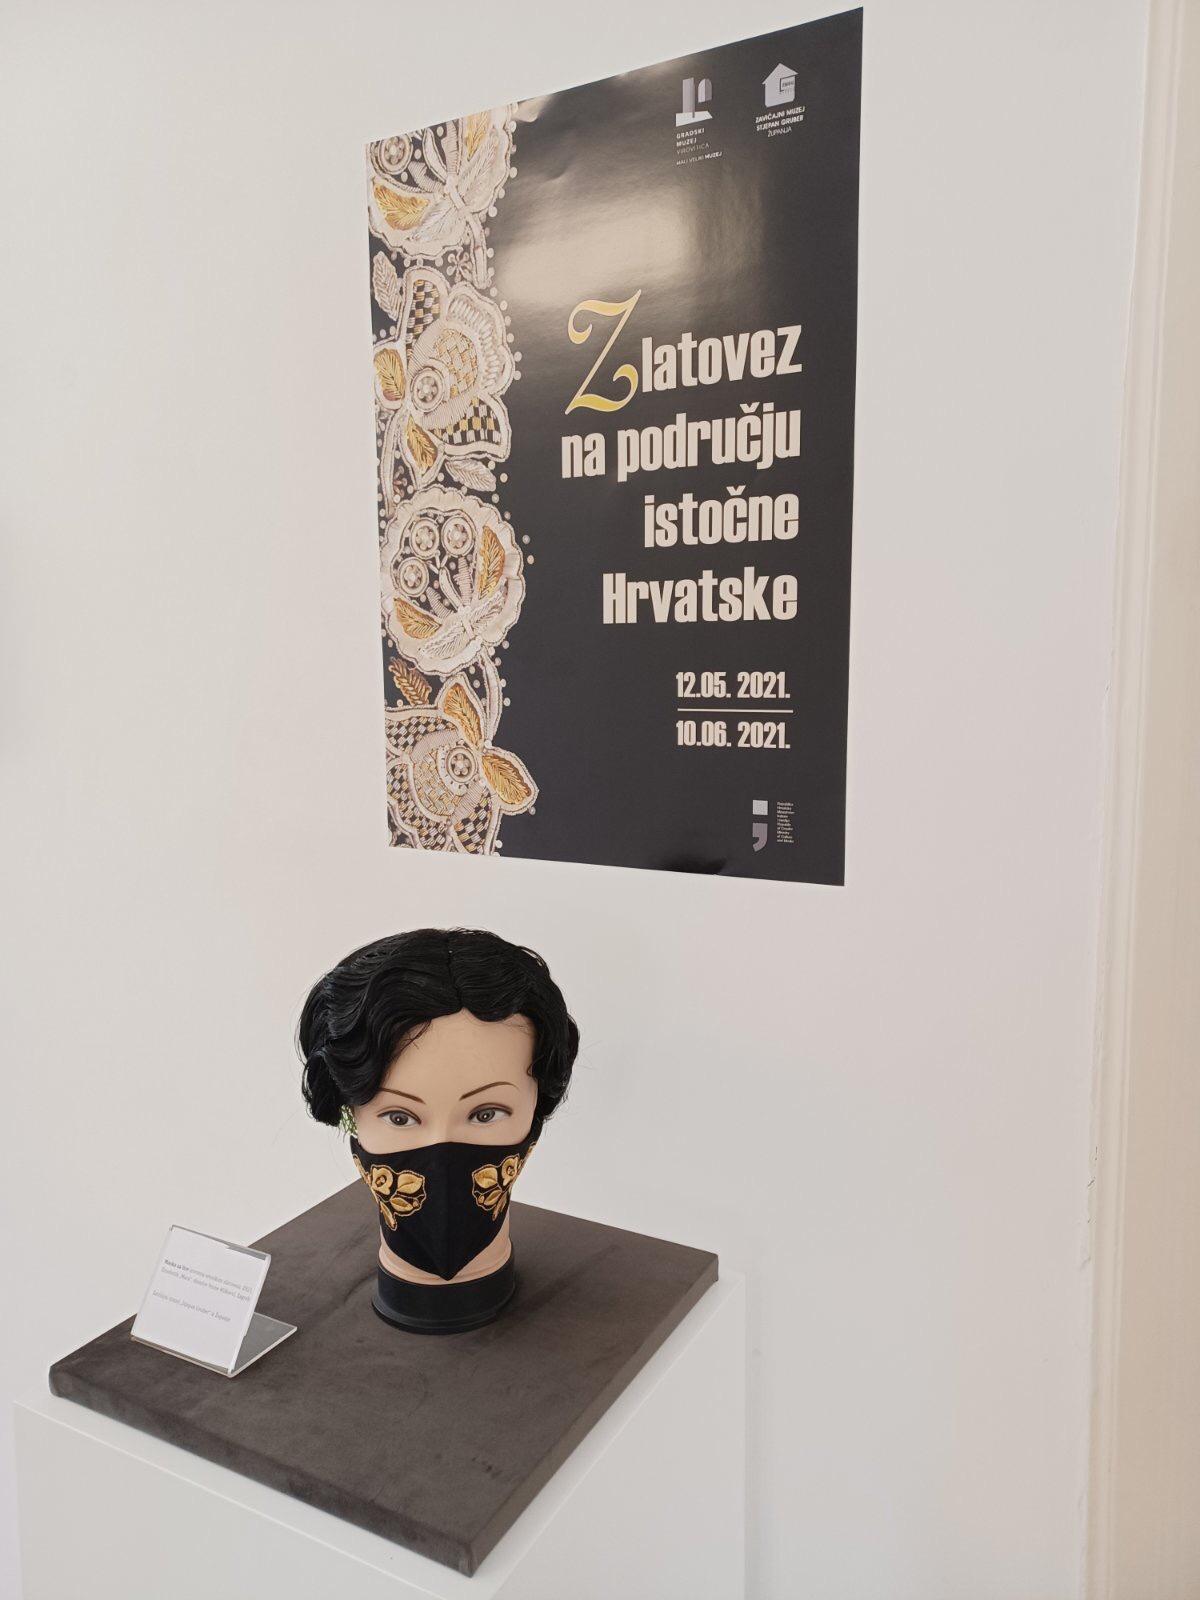 3. Zlatovez na području istočne Hrvatske